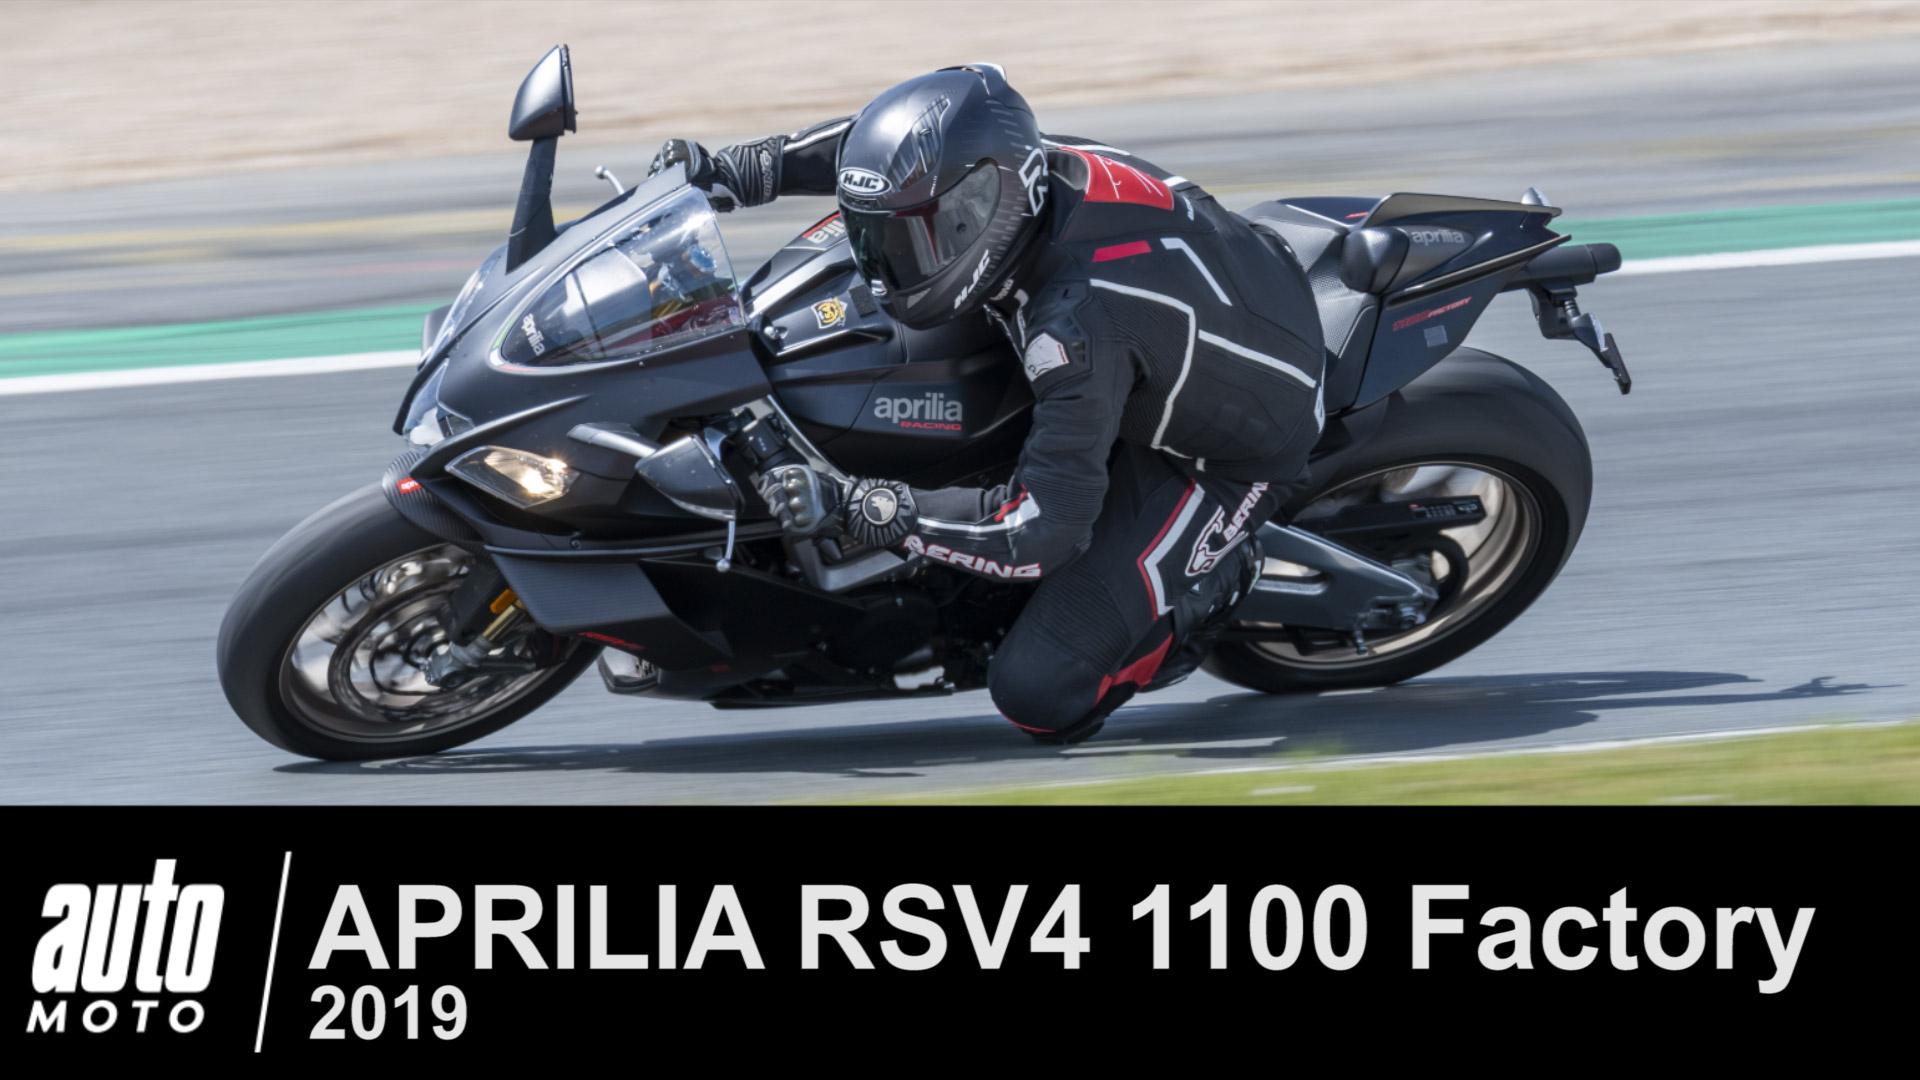 2019 APRILIA RSV4 1100 Factory 217 ch ESSAI POV AUTO-MOTO.COM